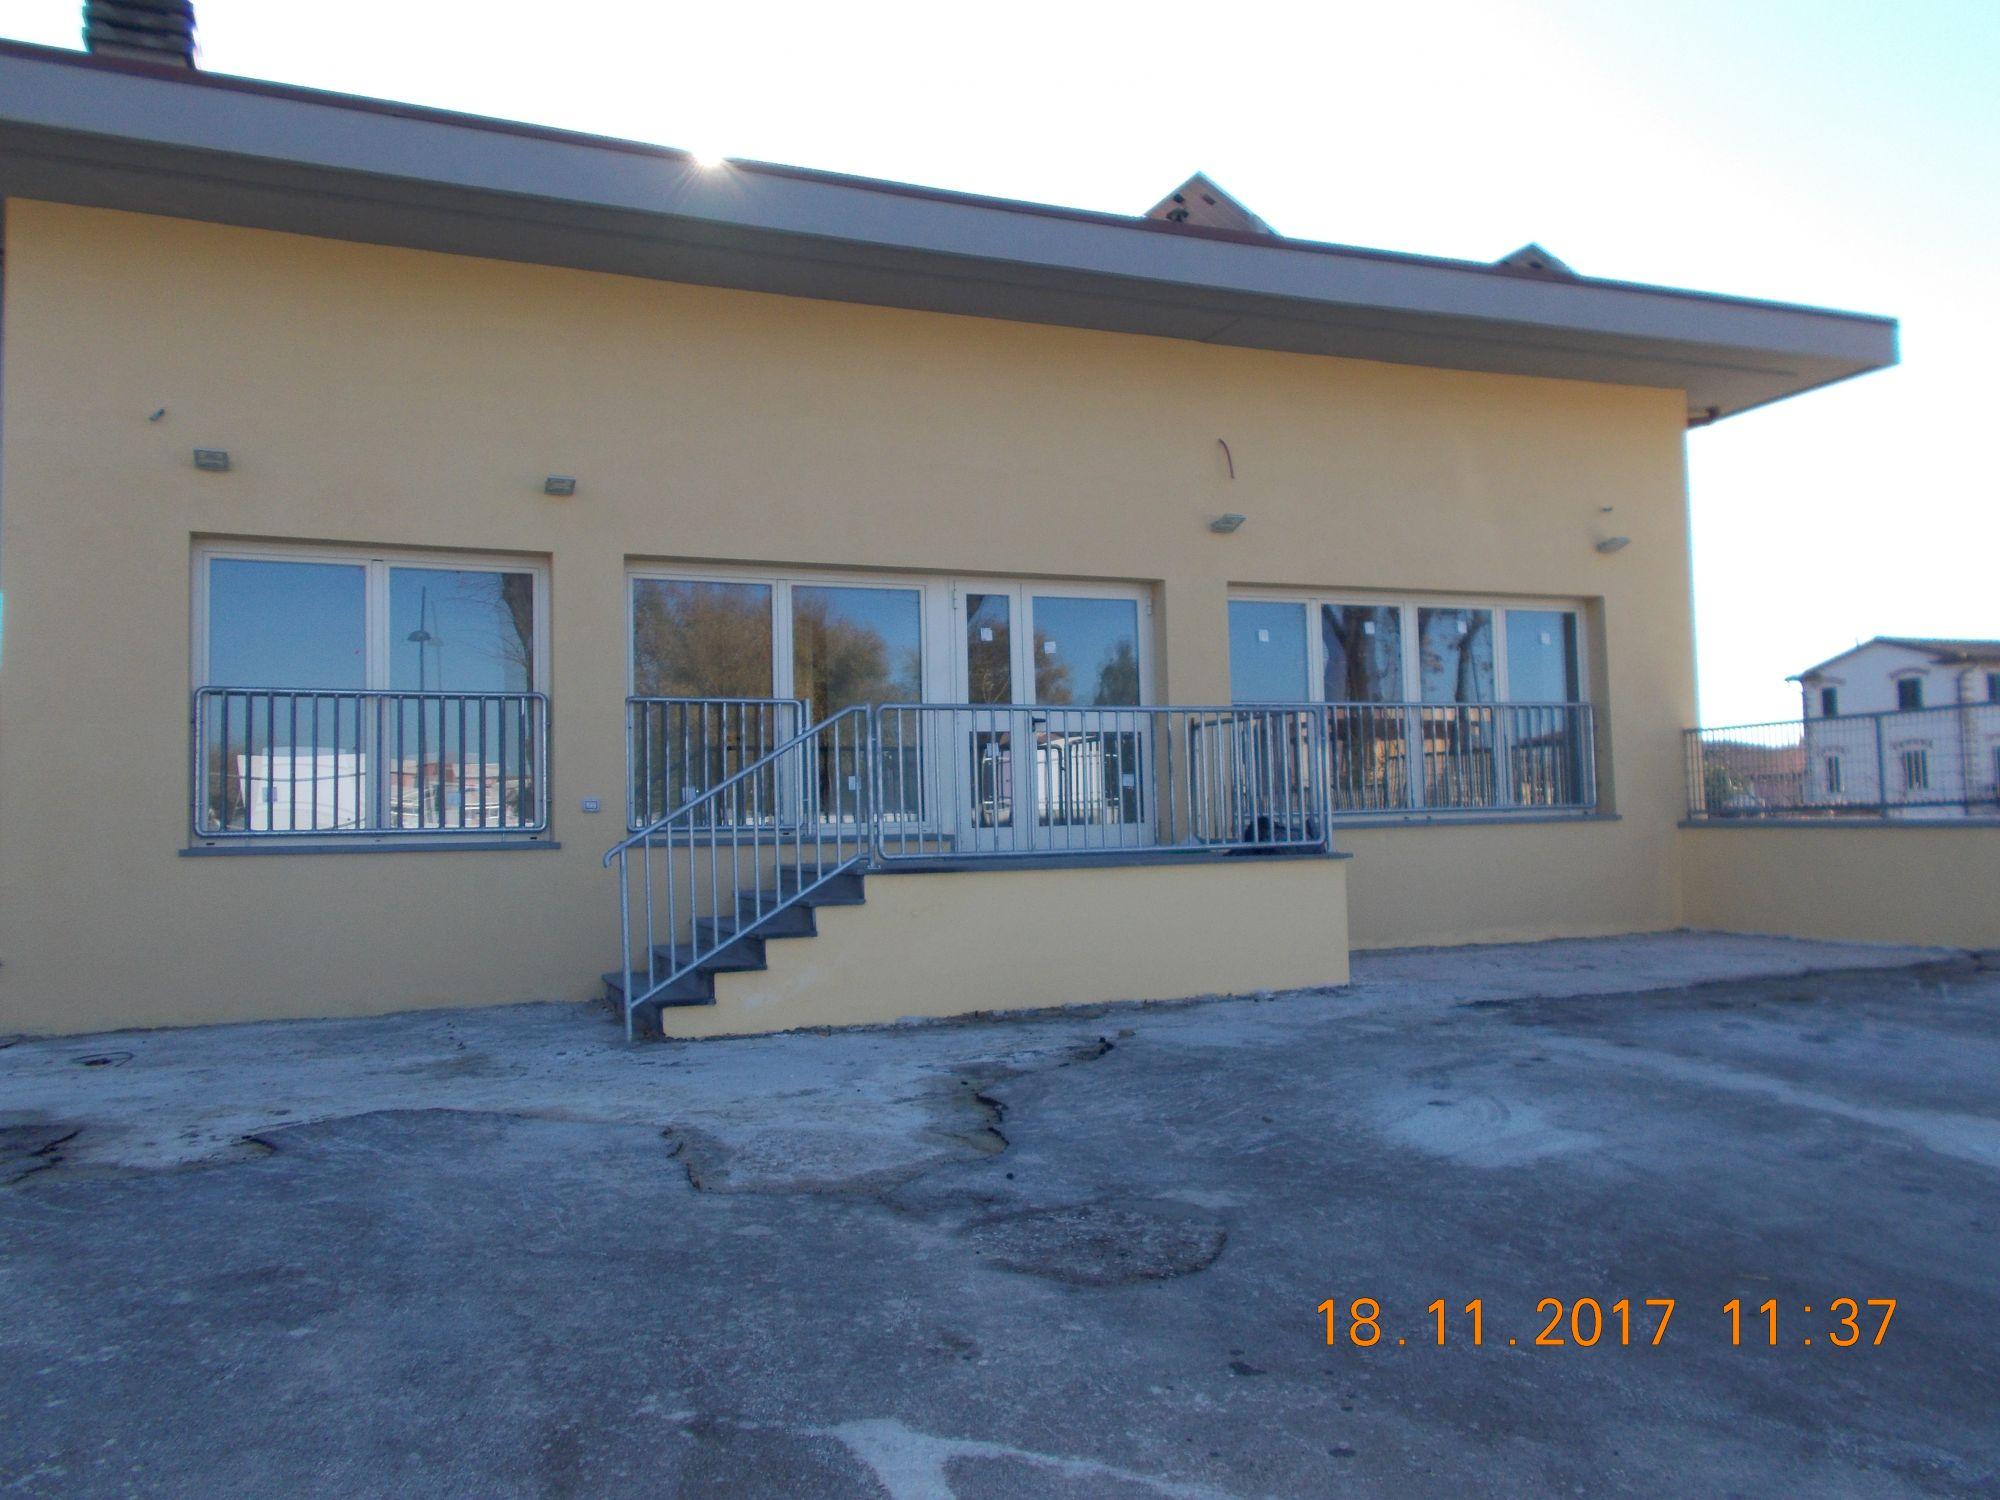 Nuova sede Polizia Municipale, approvato il progetto di sistemazione dell'area ex Abc Motor